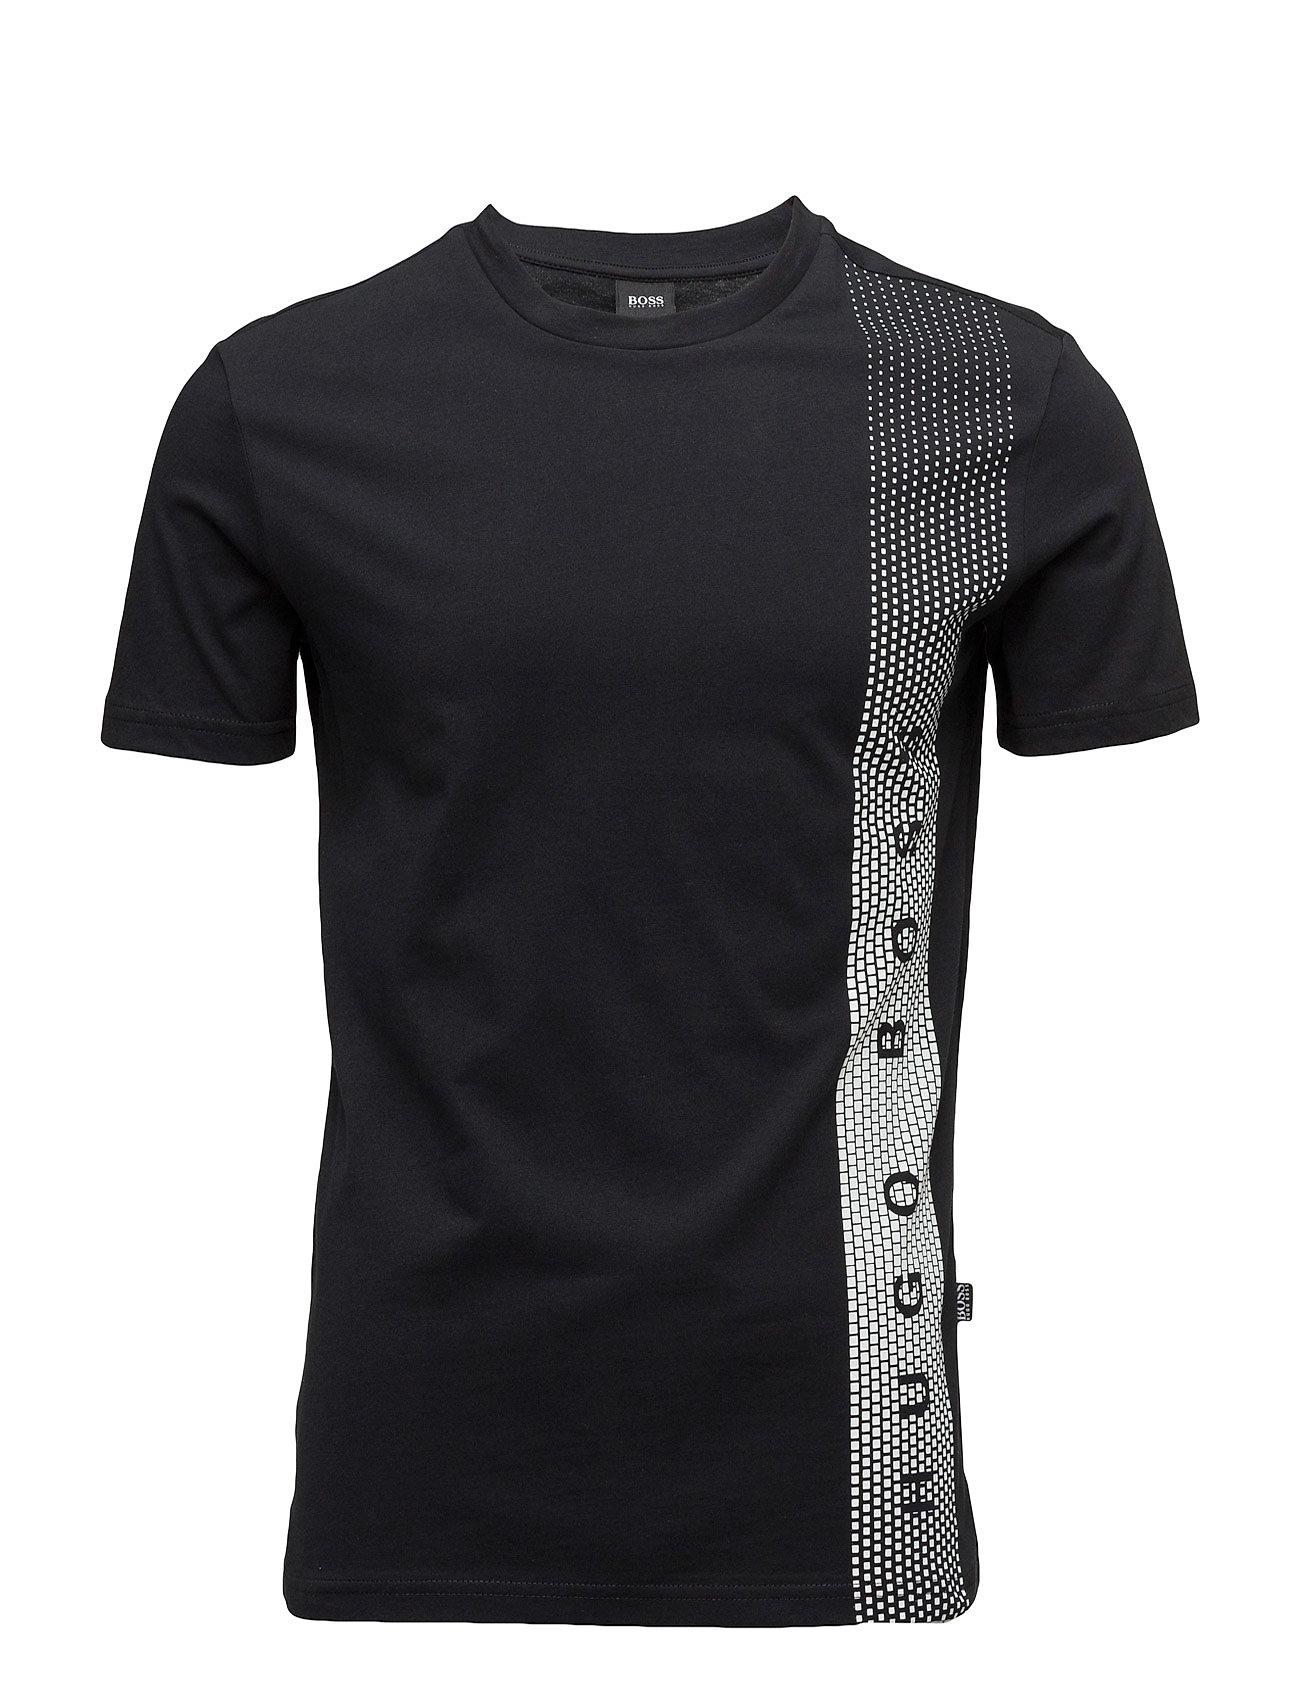 T-Shirt Rn BOSS Kortærmede til Herrer i Sort